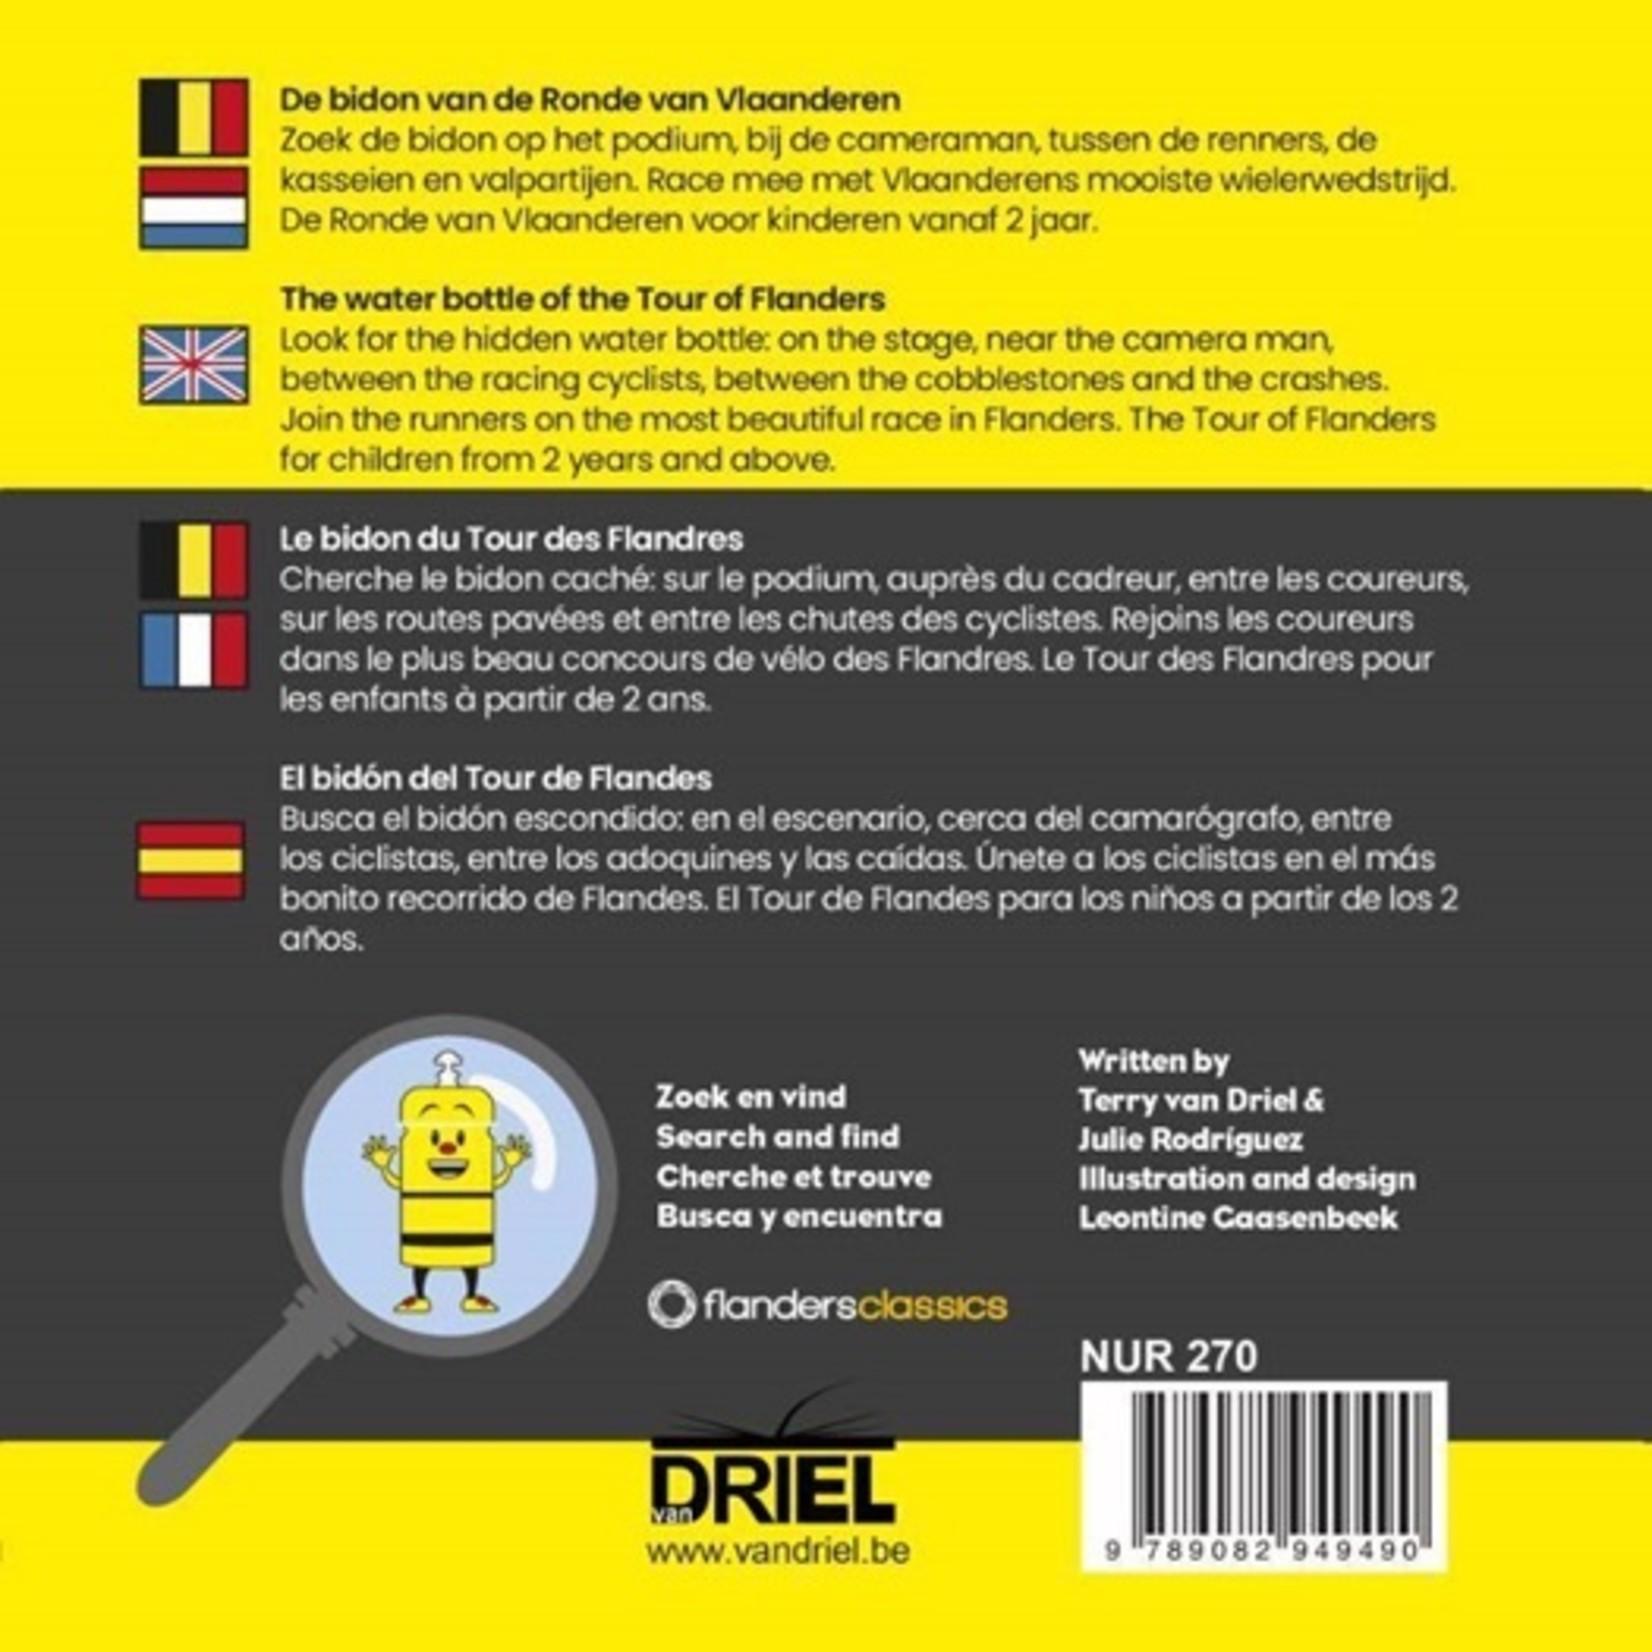 Boekje 'De bidon van De Ronde'